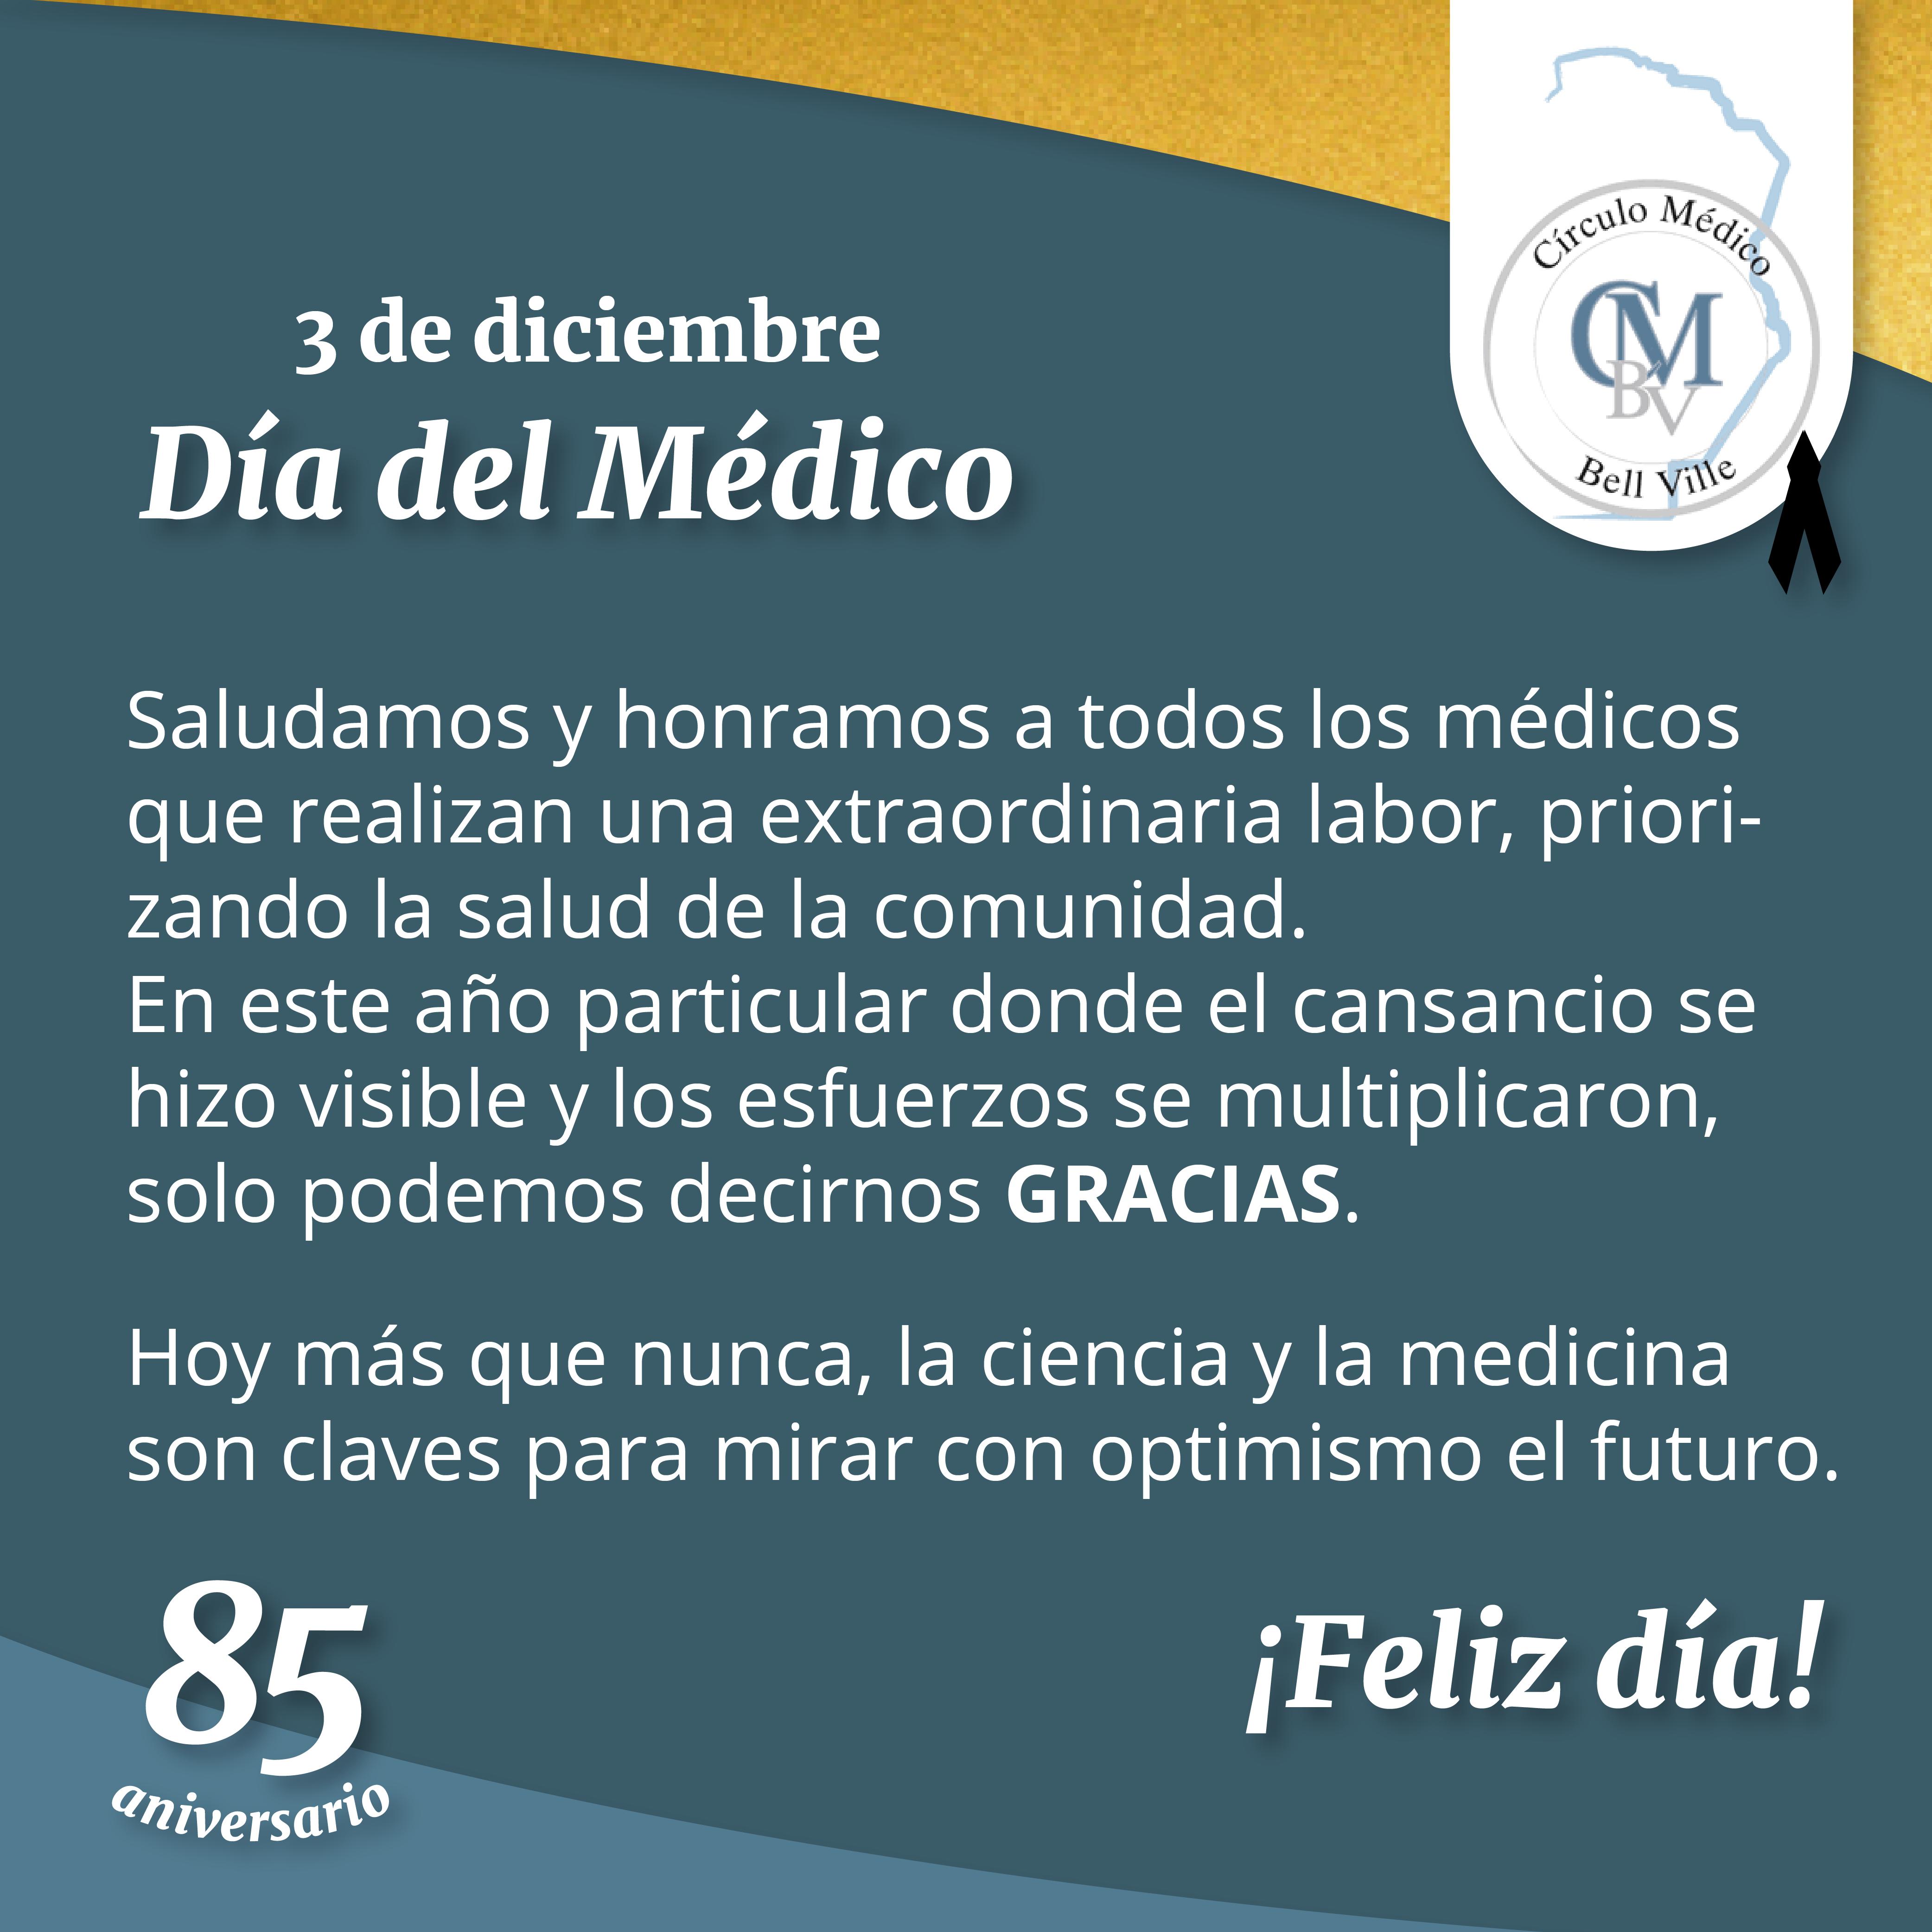 Tarjeta3Dic_Flyer-CirculoMedico-01